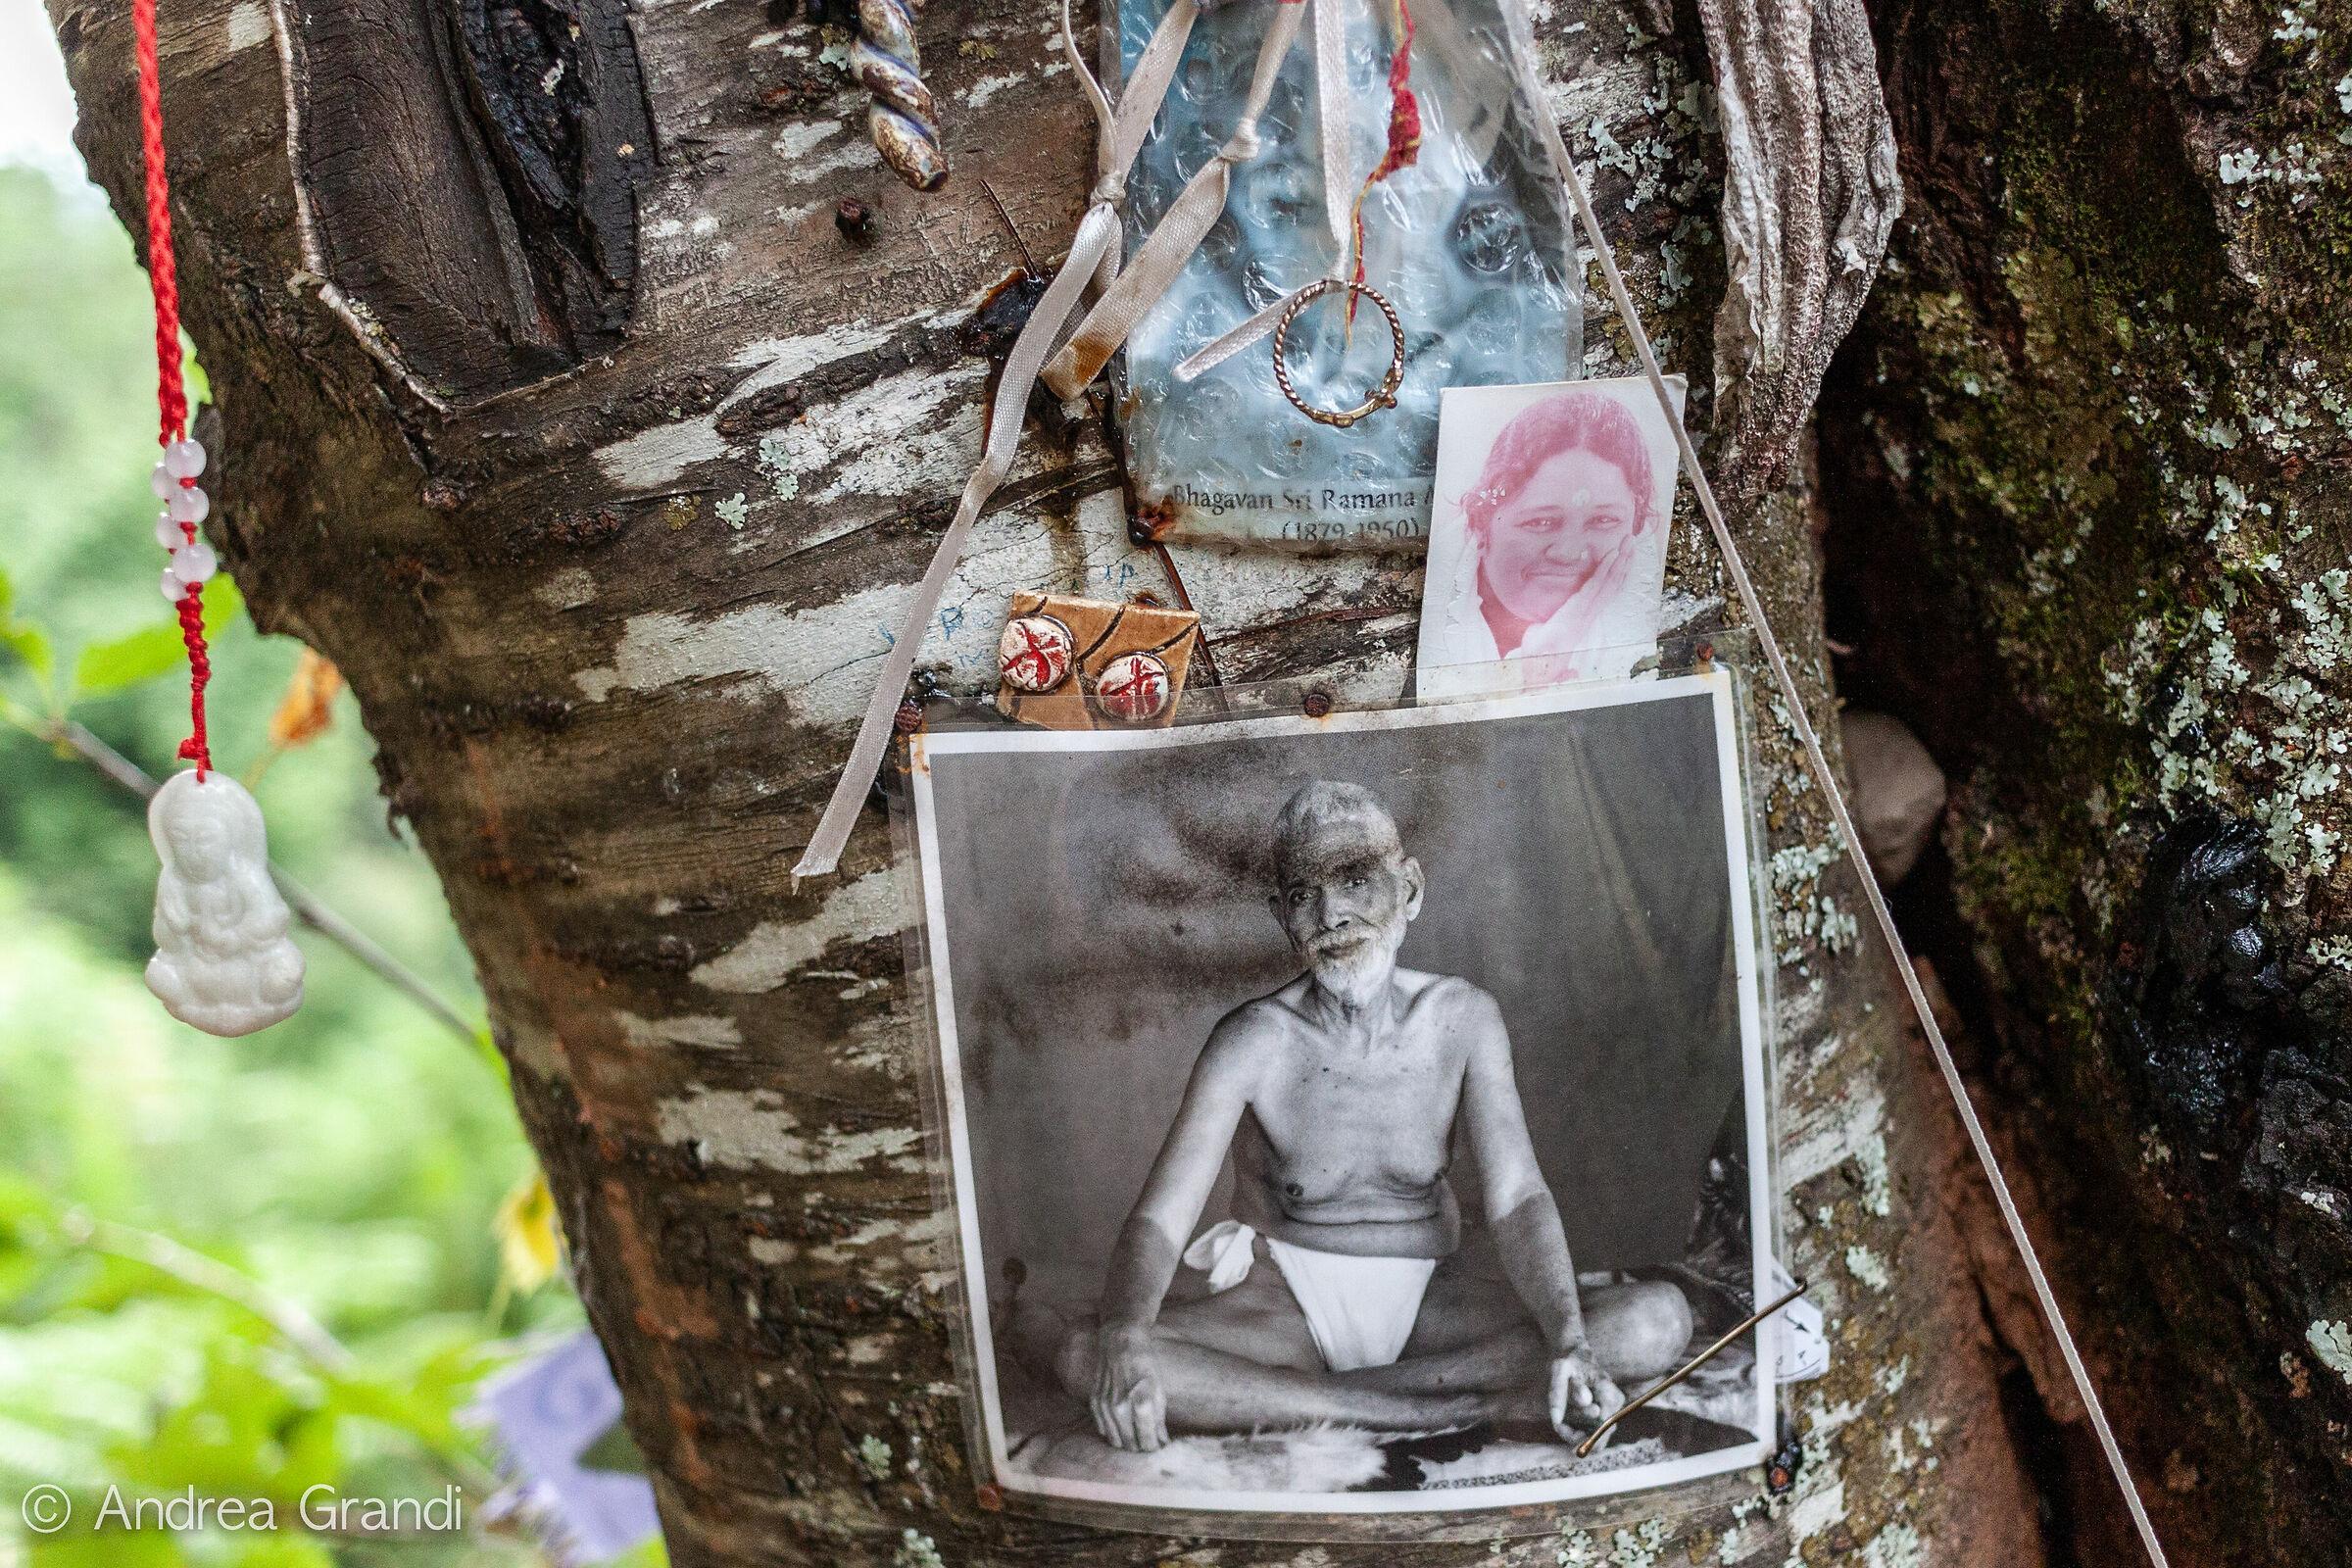 Foto lasciate in omaggio sull'albero con gli occhi...